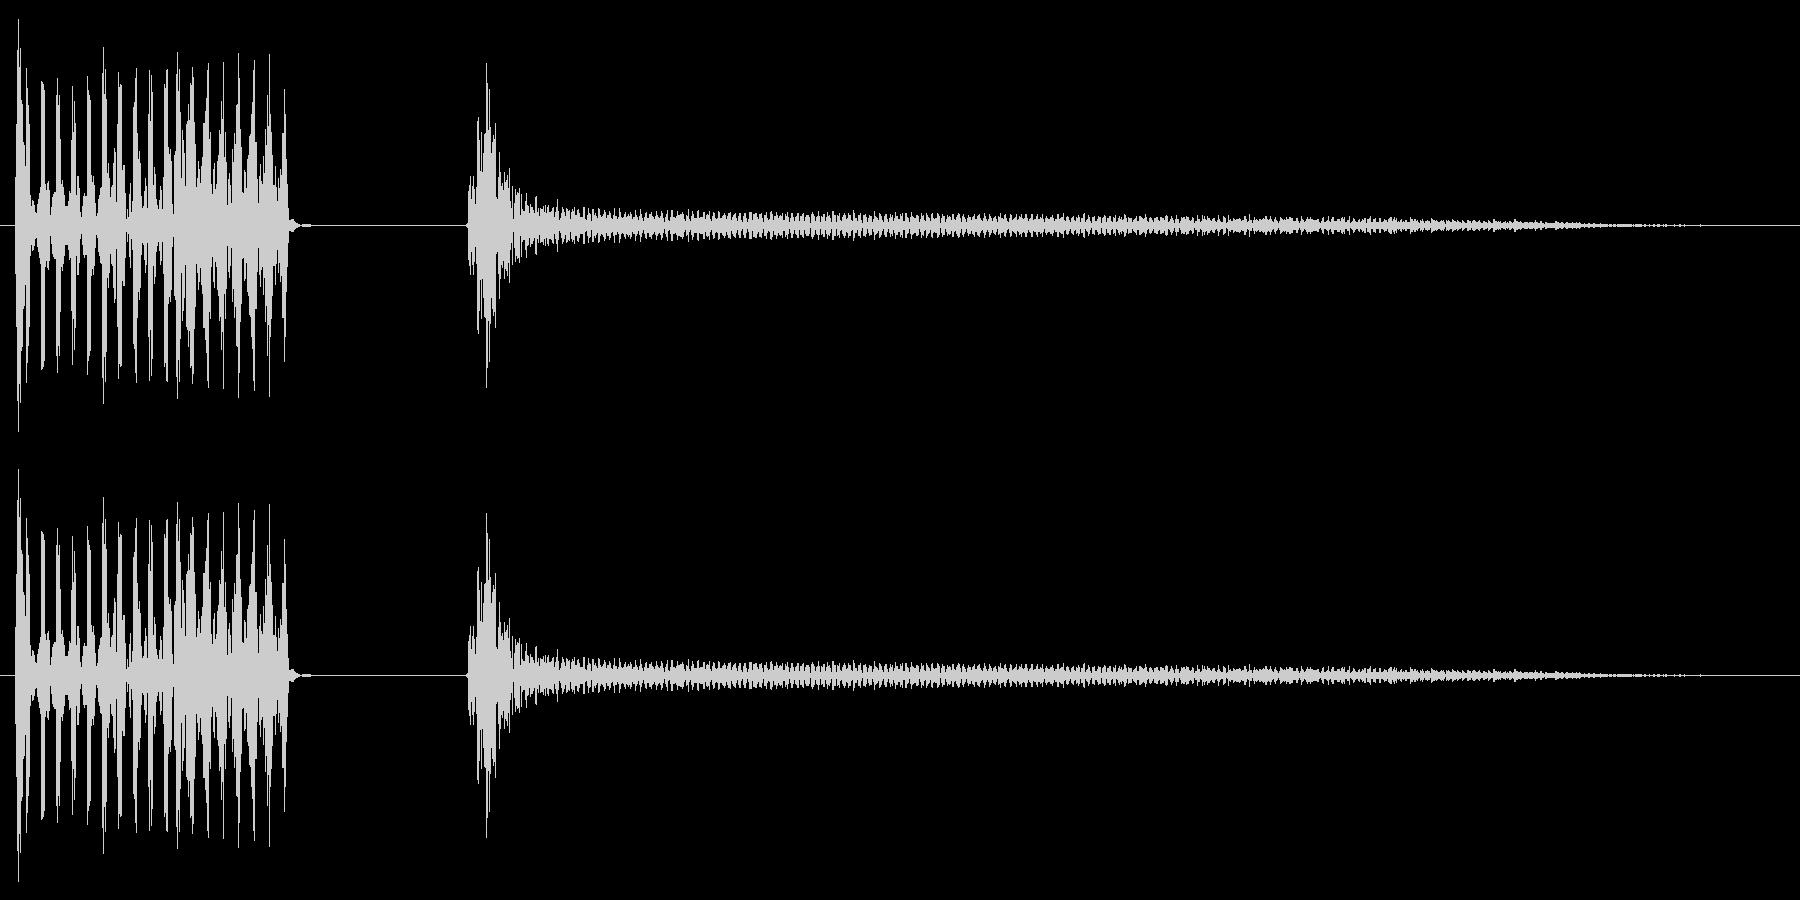 ベース音による効果音用素材です。の未再生の波形